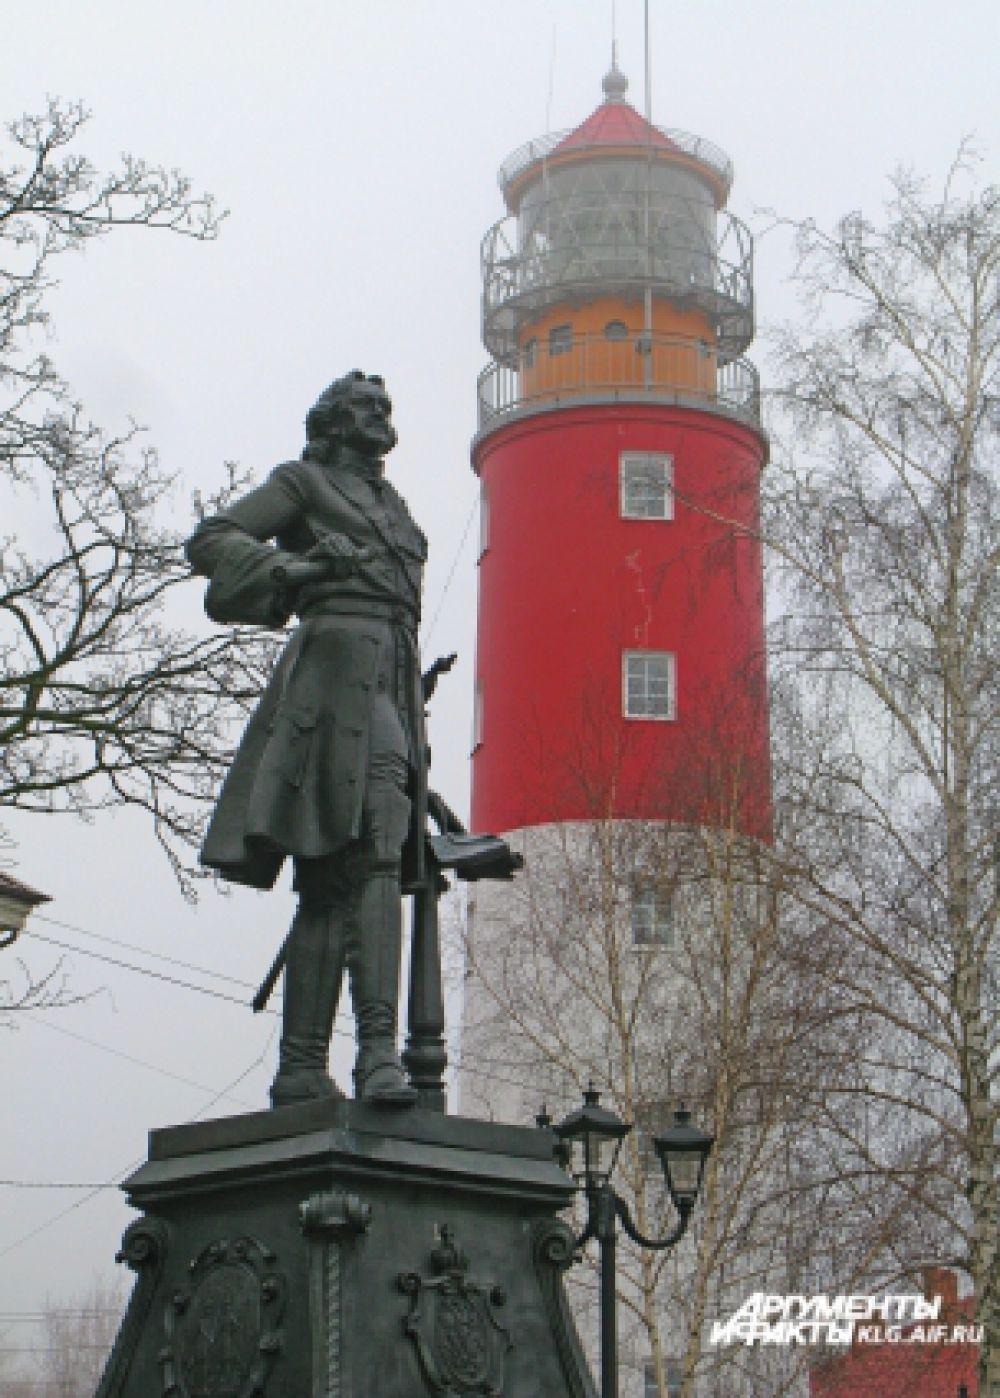 Скульптура Петра I в полный рост была воздвигнута в честь 300-летия Балтийского флота. Рядом - уникальный 200-летний маяк.